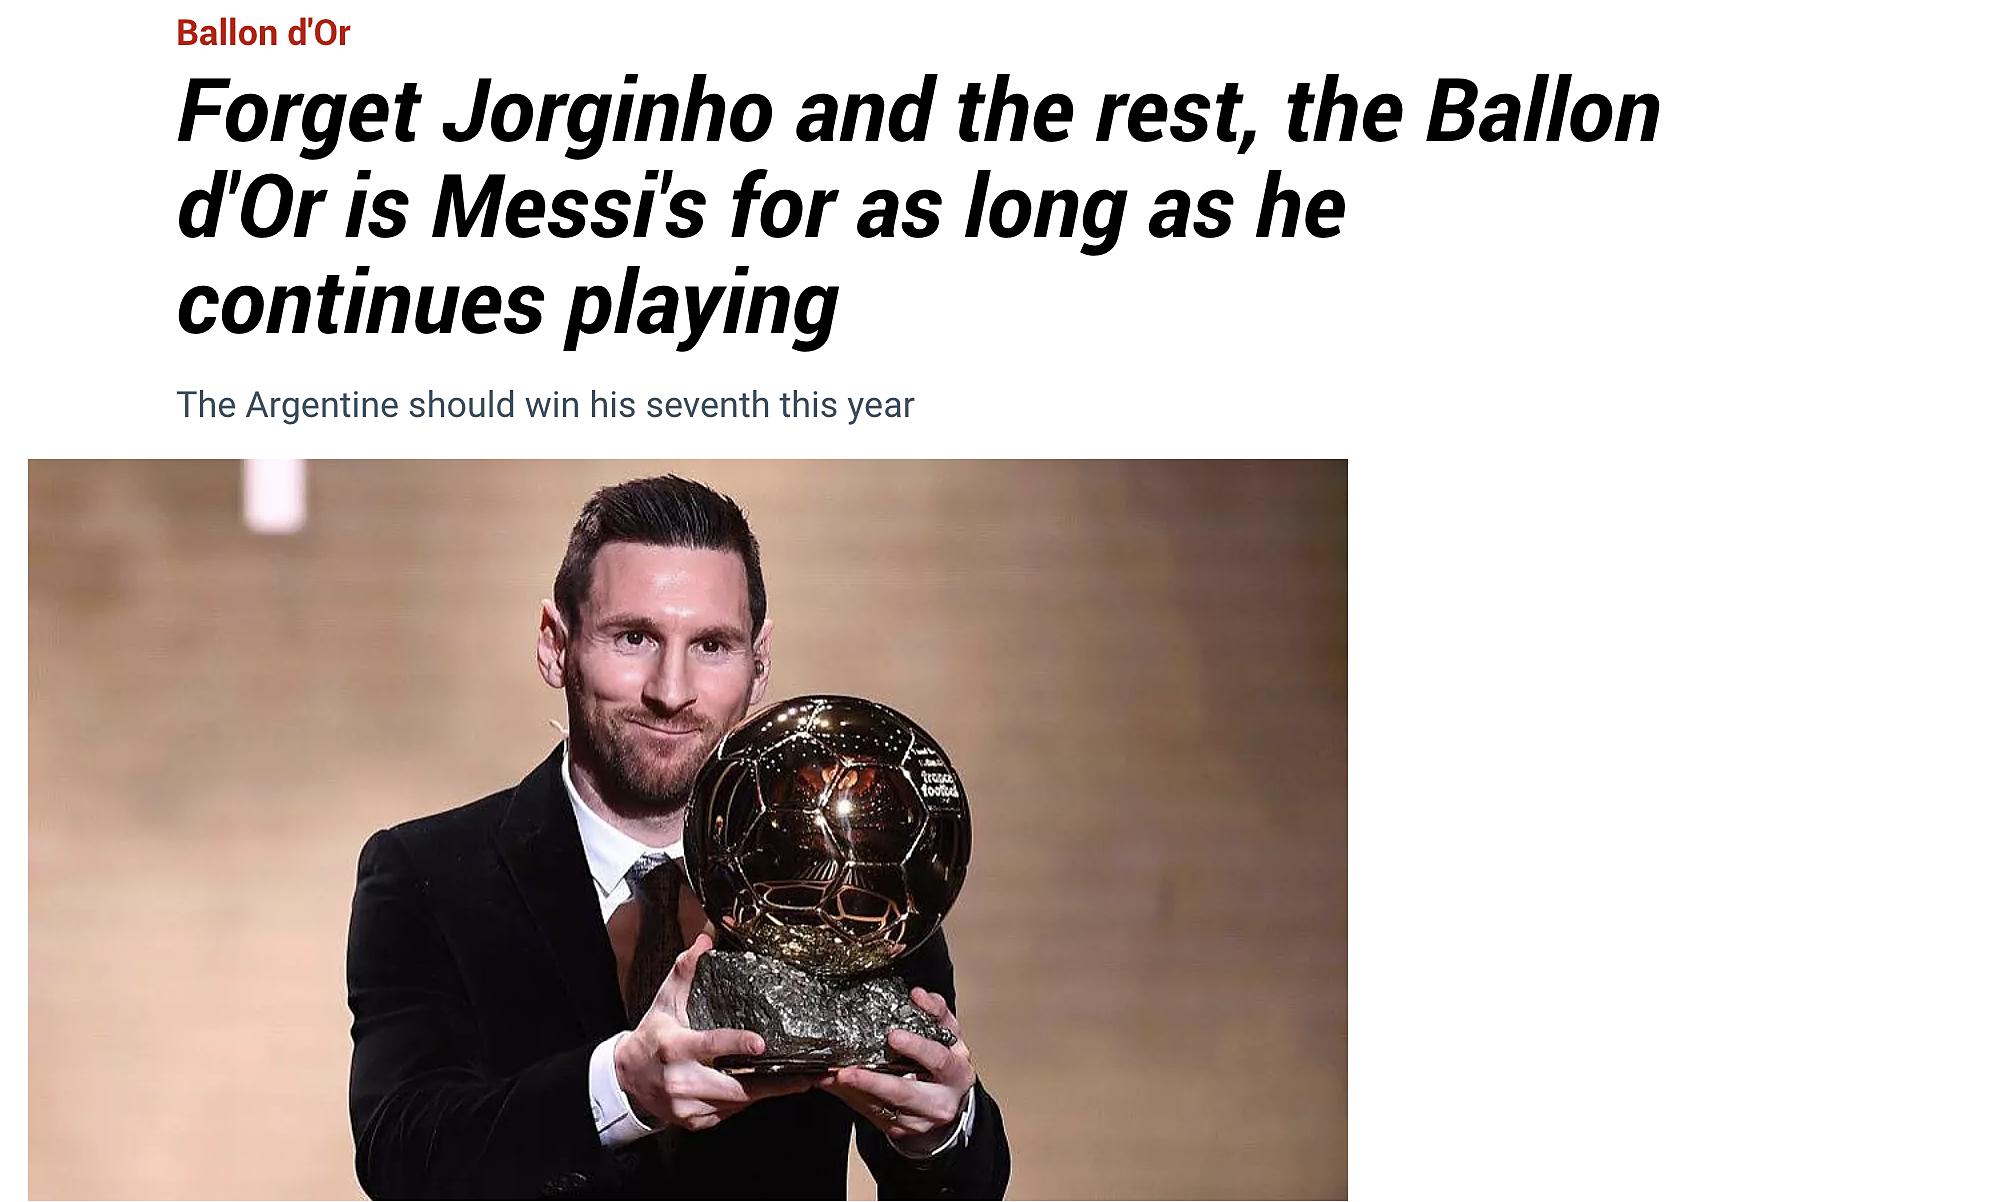 Bài viết tôn vinh Messi trên trang chủ báo Marca. Ảnh: chụp màn hình